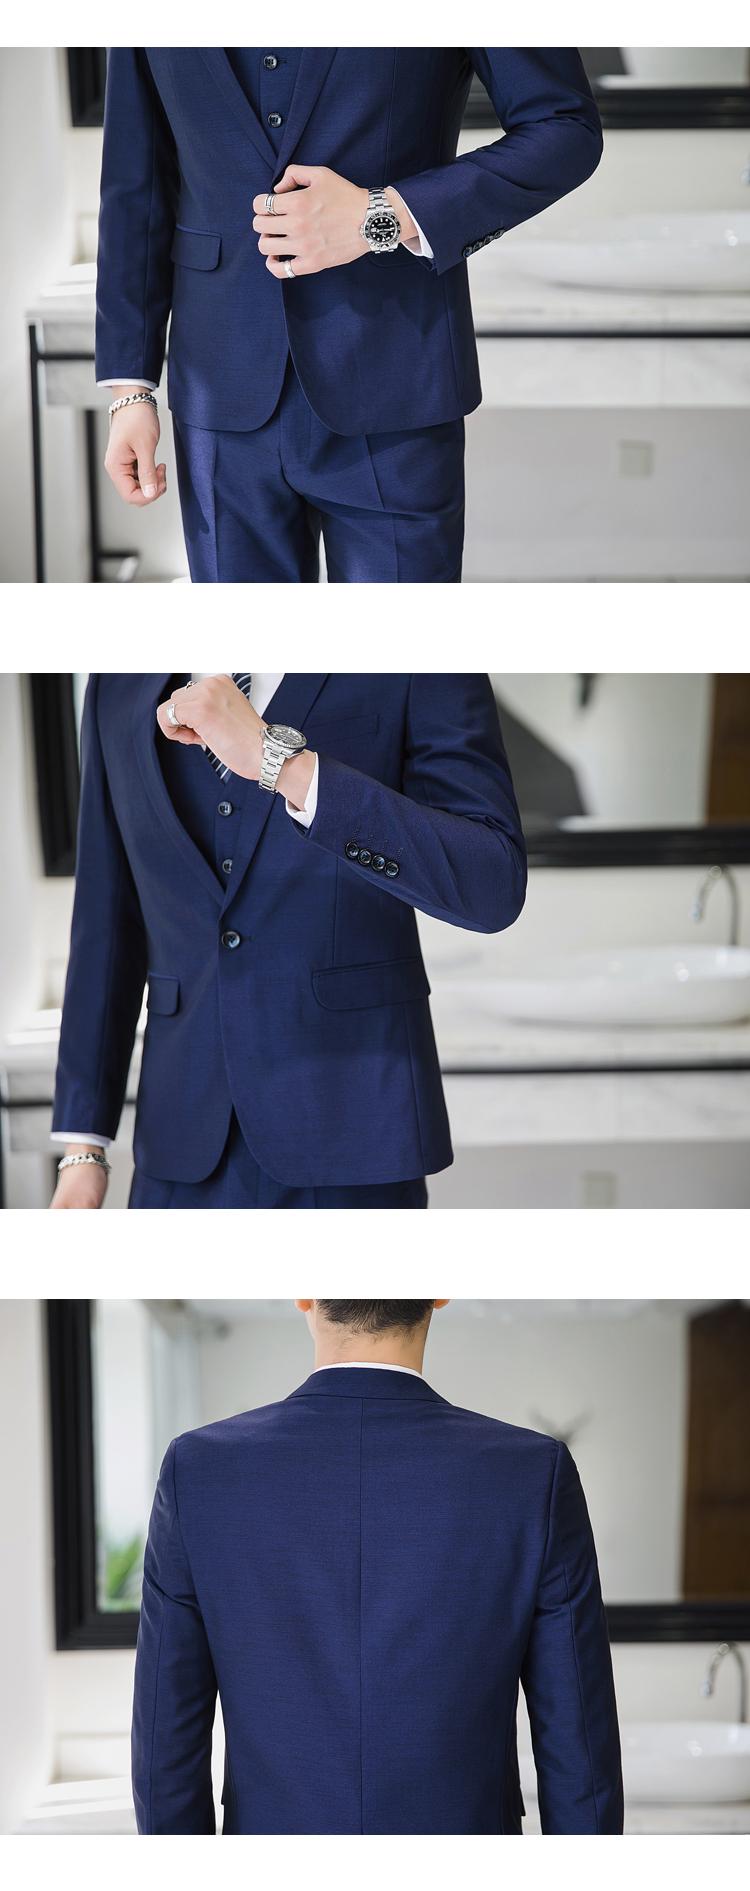 模特图-S-3XL爆款商务正装结婚礼服休闲西服套装三件套6655P270